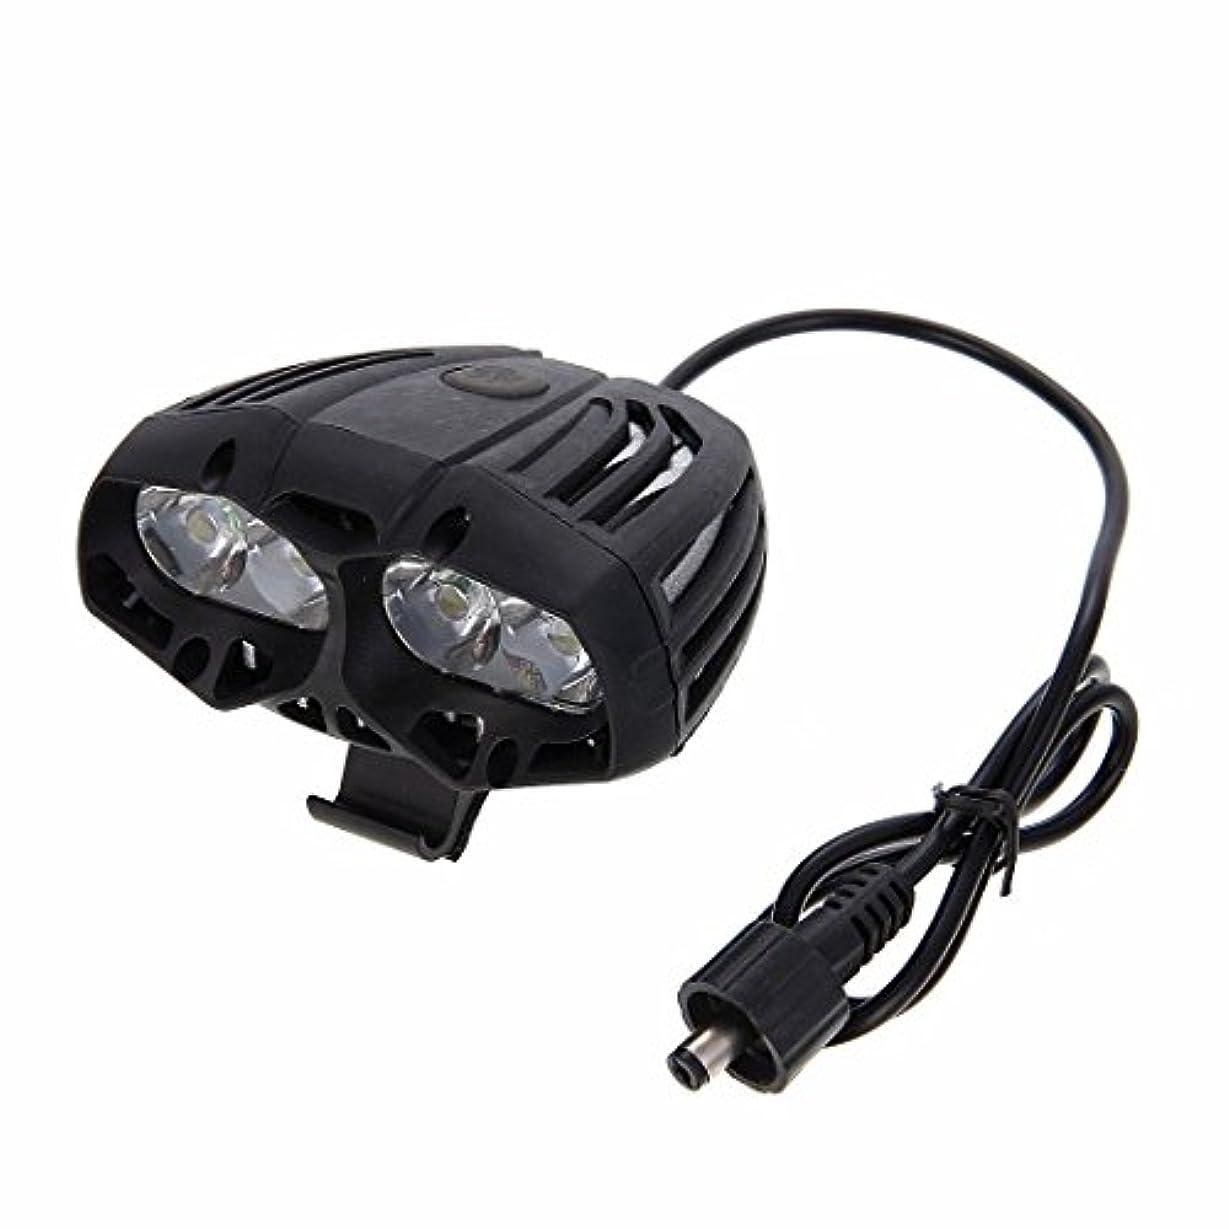 オーケストラクローン広範囲JVSISM ブラック 防水LED 自転車フロントライト XML T6 4モード 屋外スポーツサイクリングヘッドライトランプ